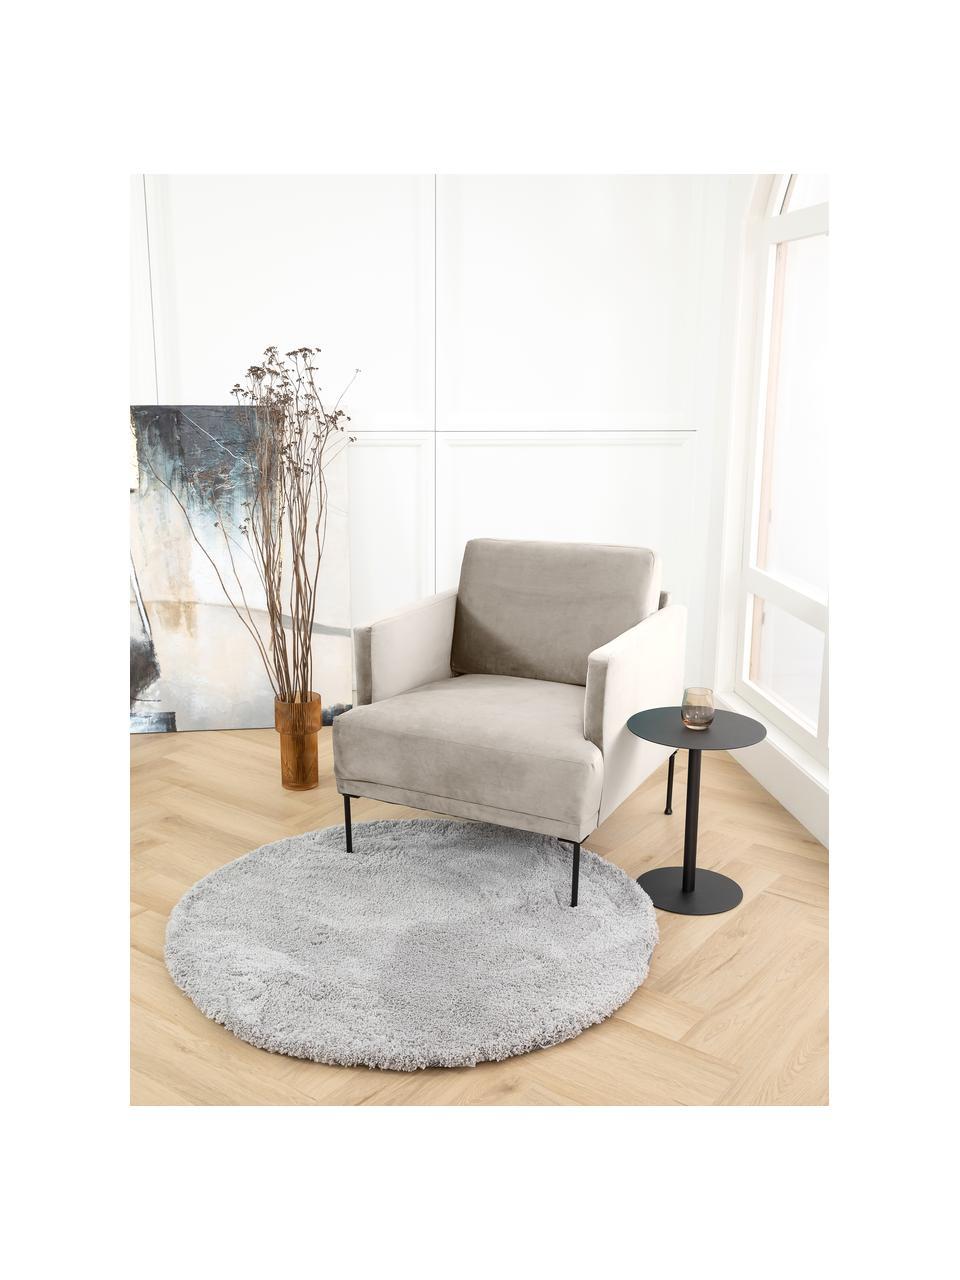 Fluwelen fauteuil Fluente in beige met metalen poten, Bekleding: fluweel (hoogwaardig poly, Frame: massief grenenhout, Poten: gepoedercoat metaal, Fluweel beige, B 74 x D 85 cm